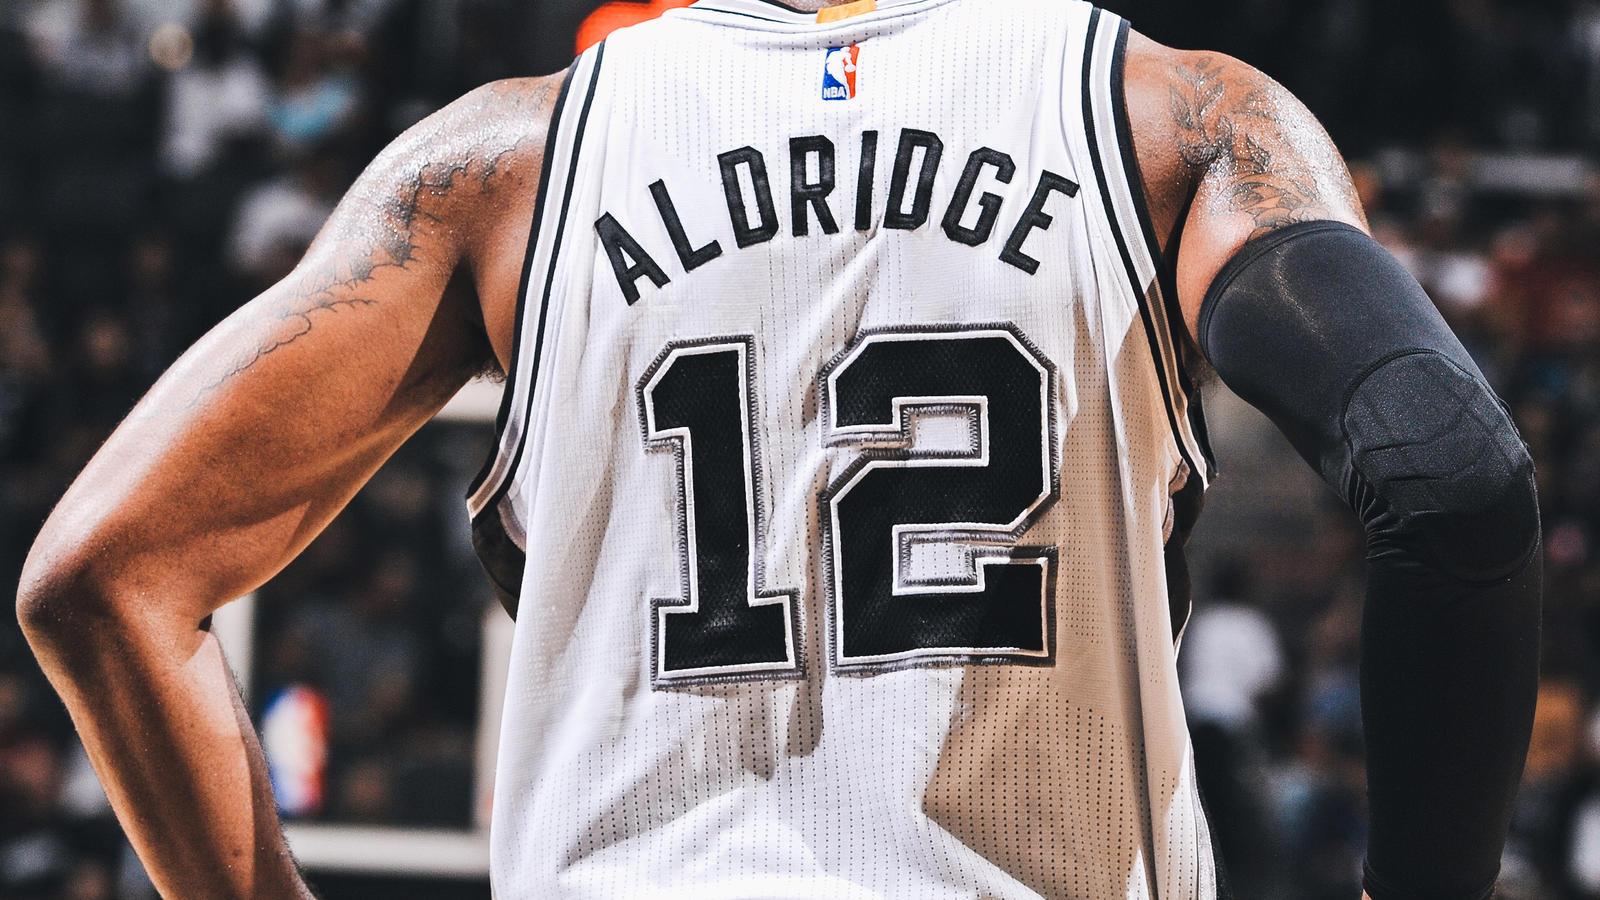 Jordan Brand Athlete LaMarcus Aldridge